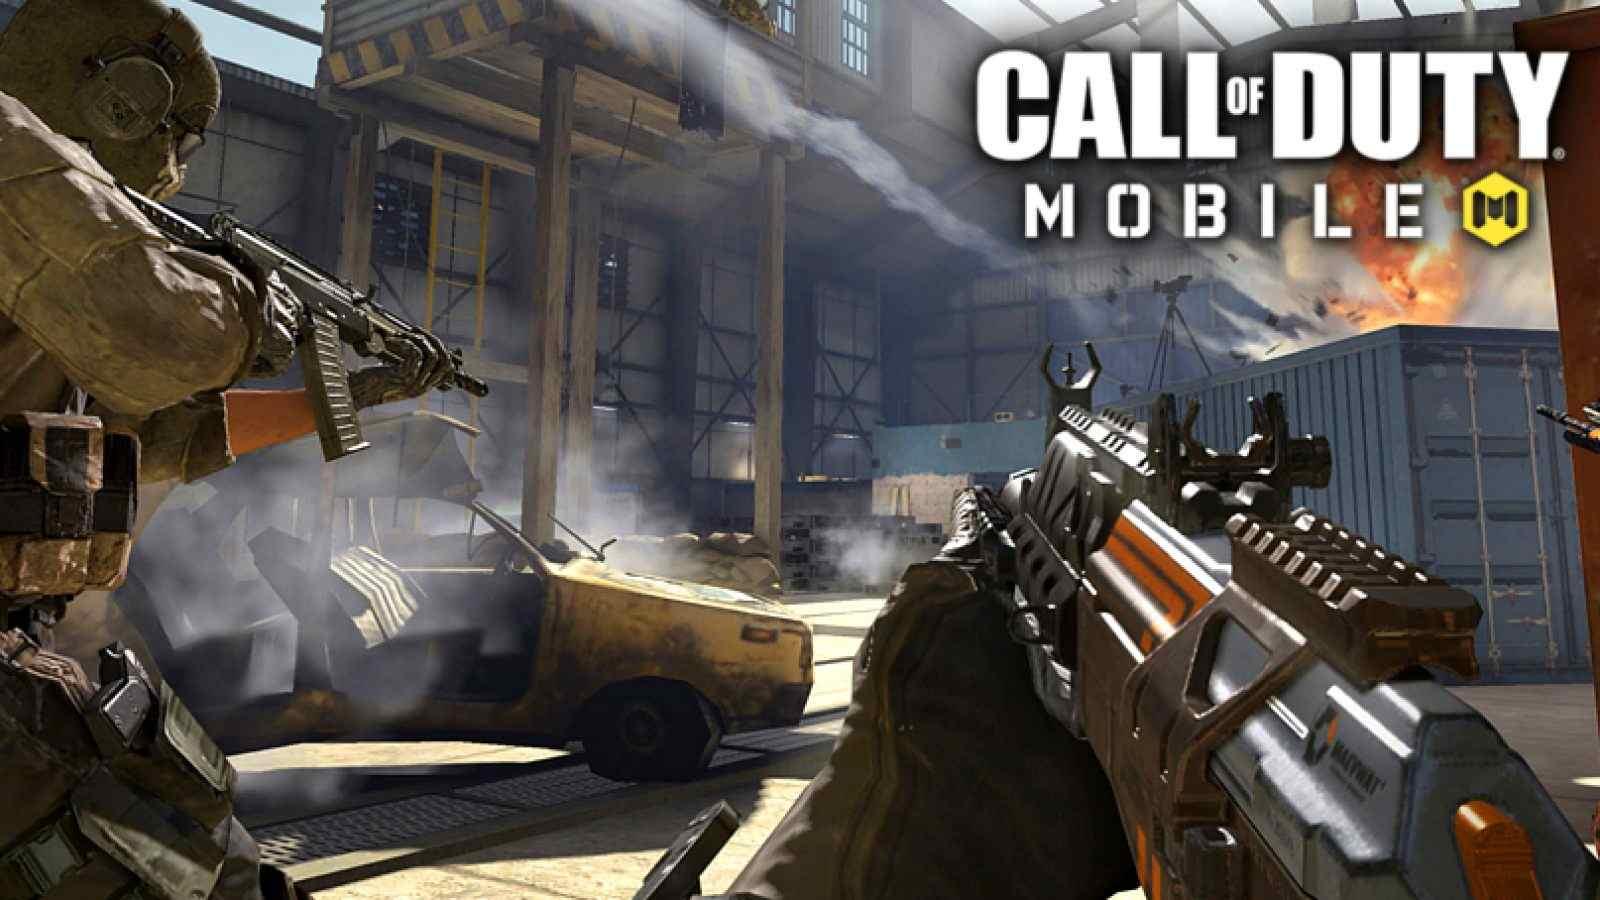 معرفی بهترین سلاح های سیزن 3 بازی کالاف دیوتی موبایل